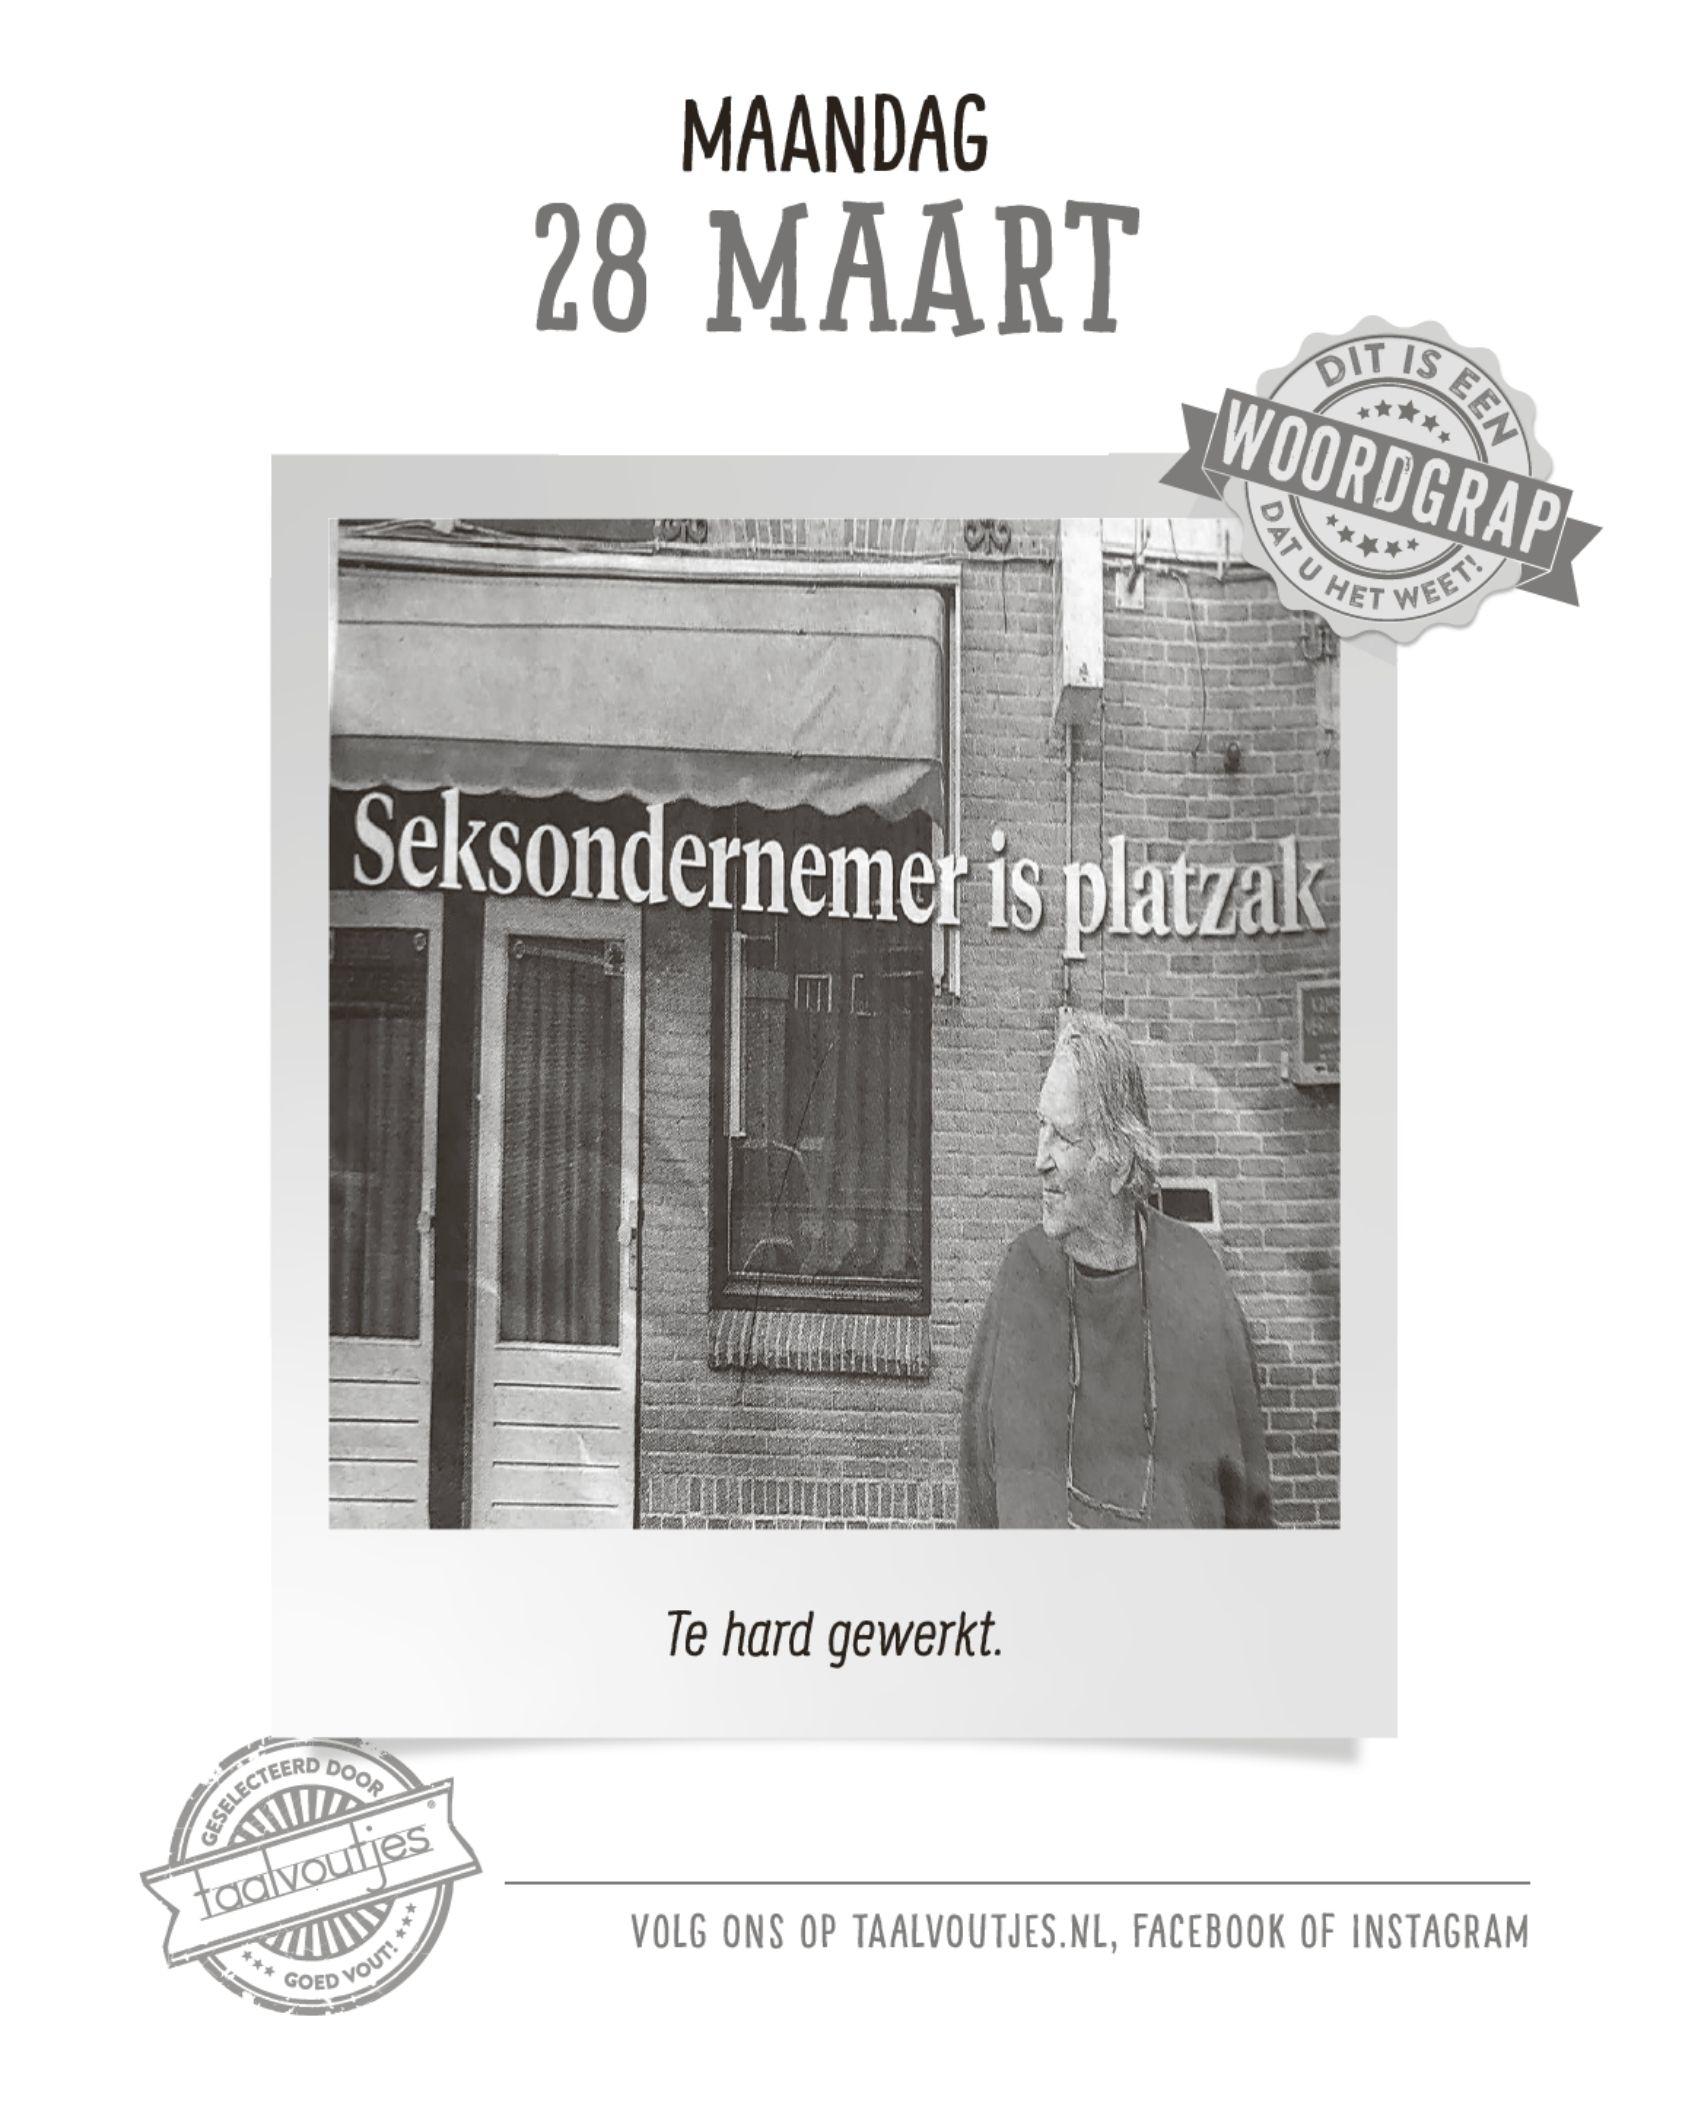 Taalvoutjes-scheurkalender 2022 - woordgrap